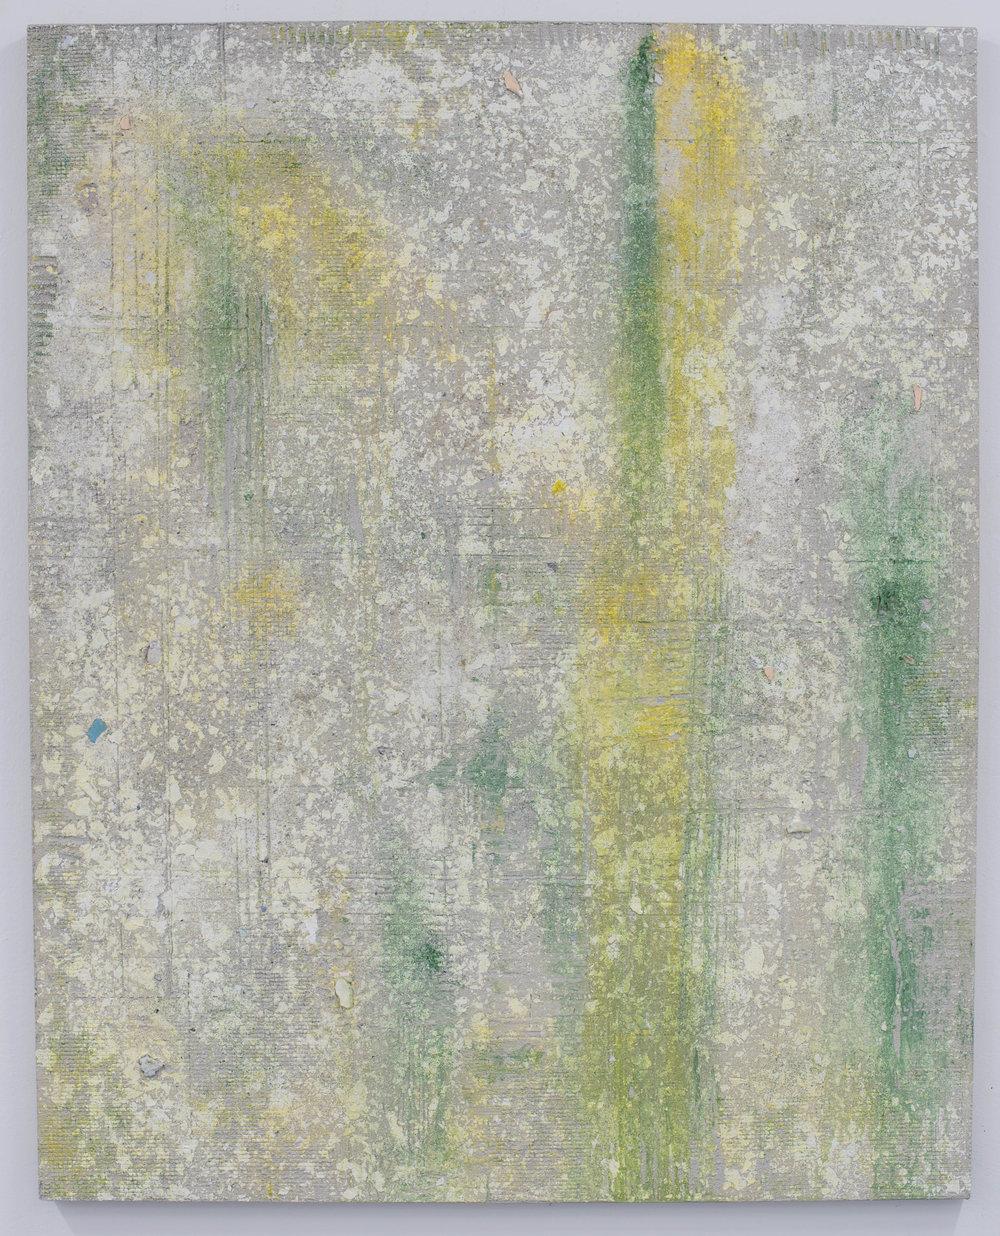 Sin título , 2018  Técnica mixta sobre lino  150 x 120 cm